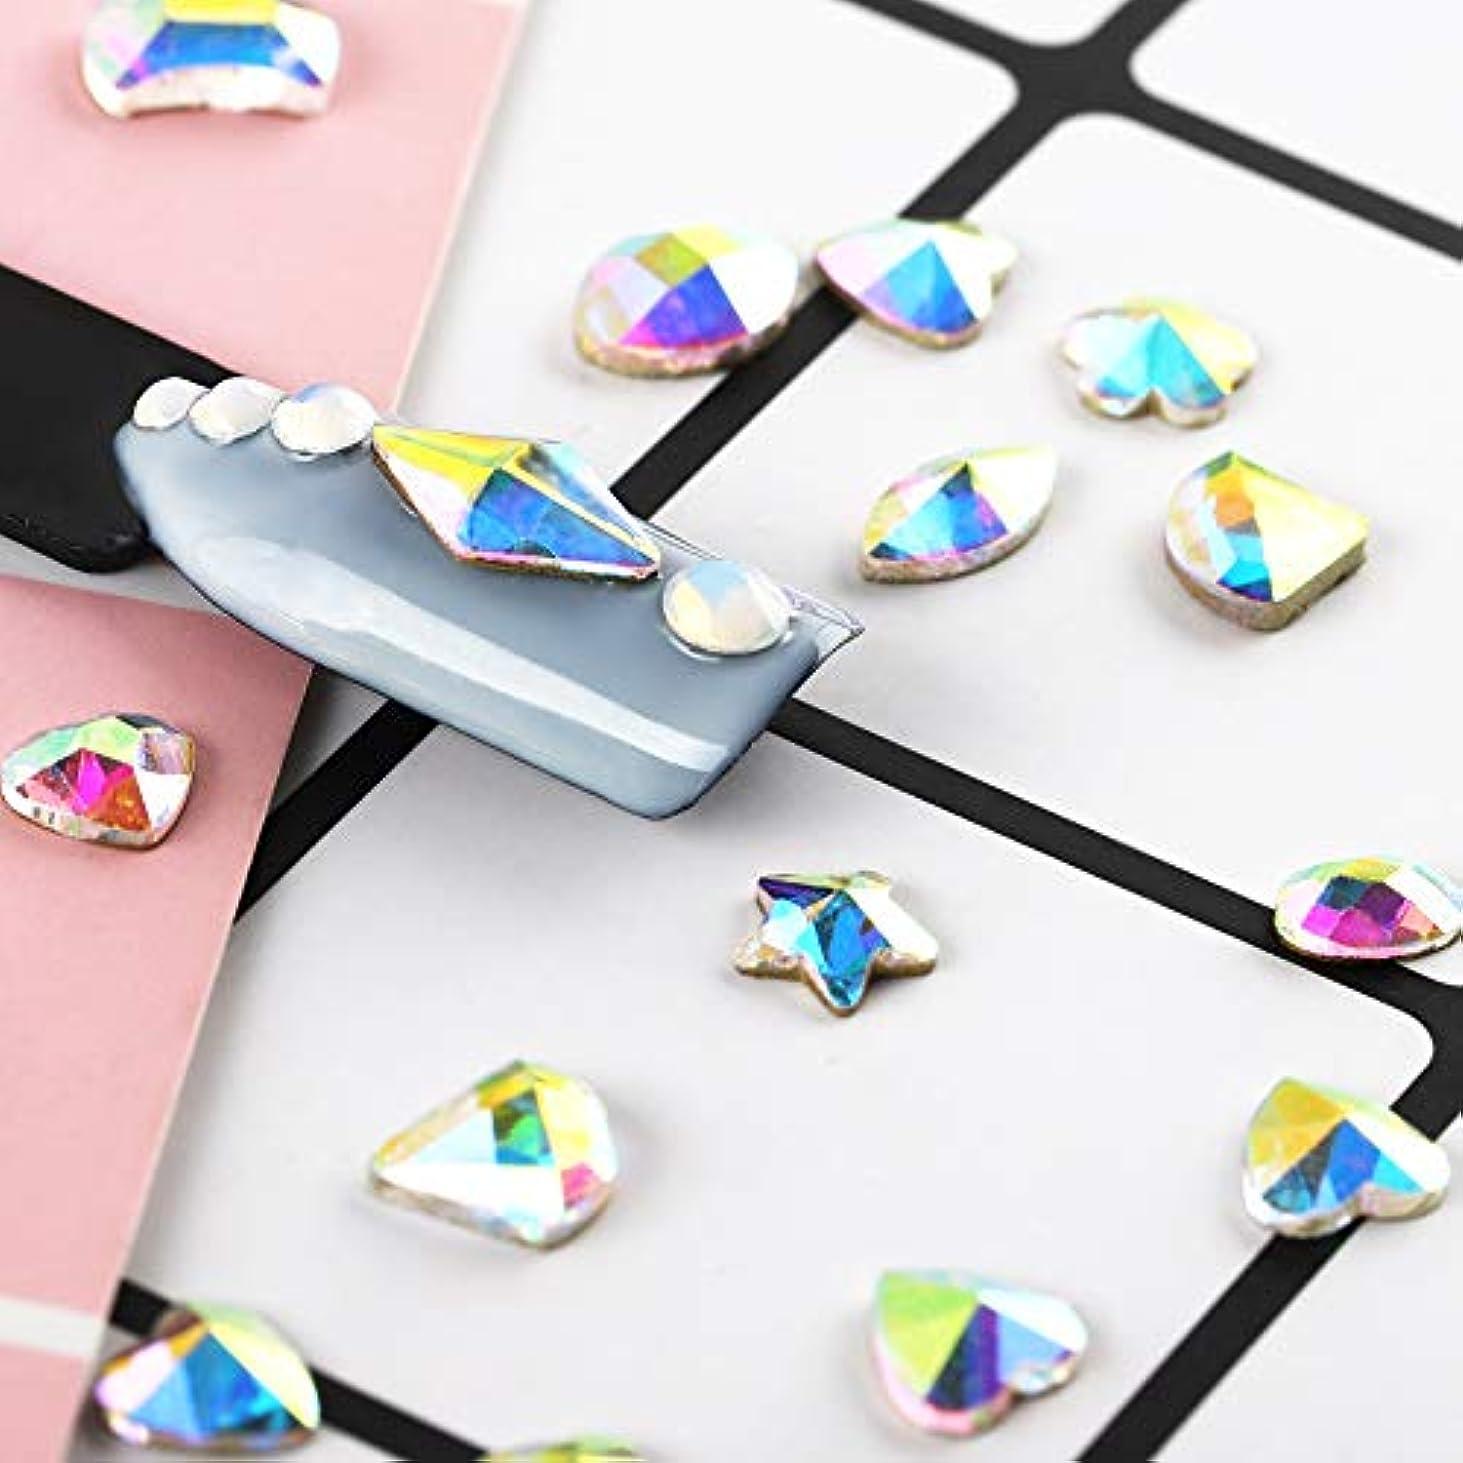 ことわざレビュアー然としたネイルダイヤモンド ネイル デコ用 ラウンドケース入 ネイルアートパーツ ネイル用品